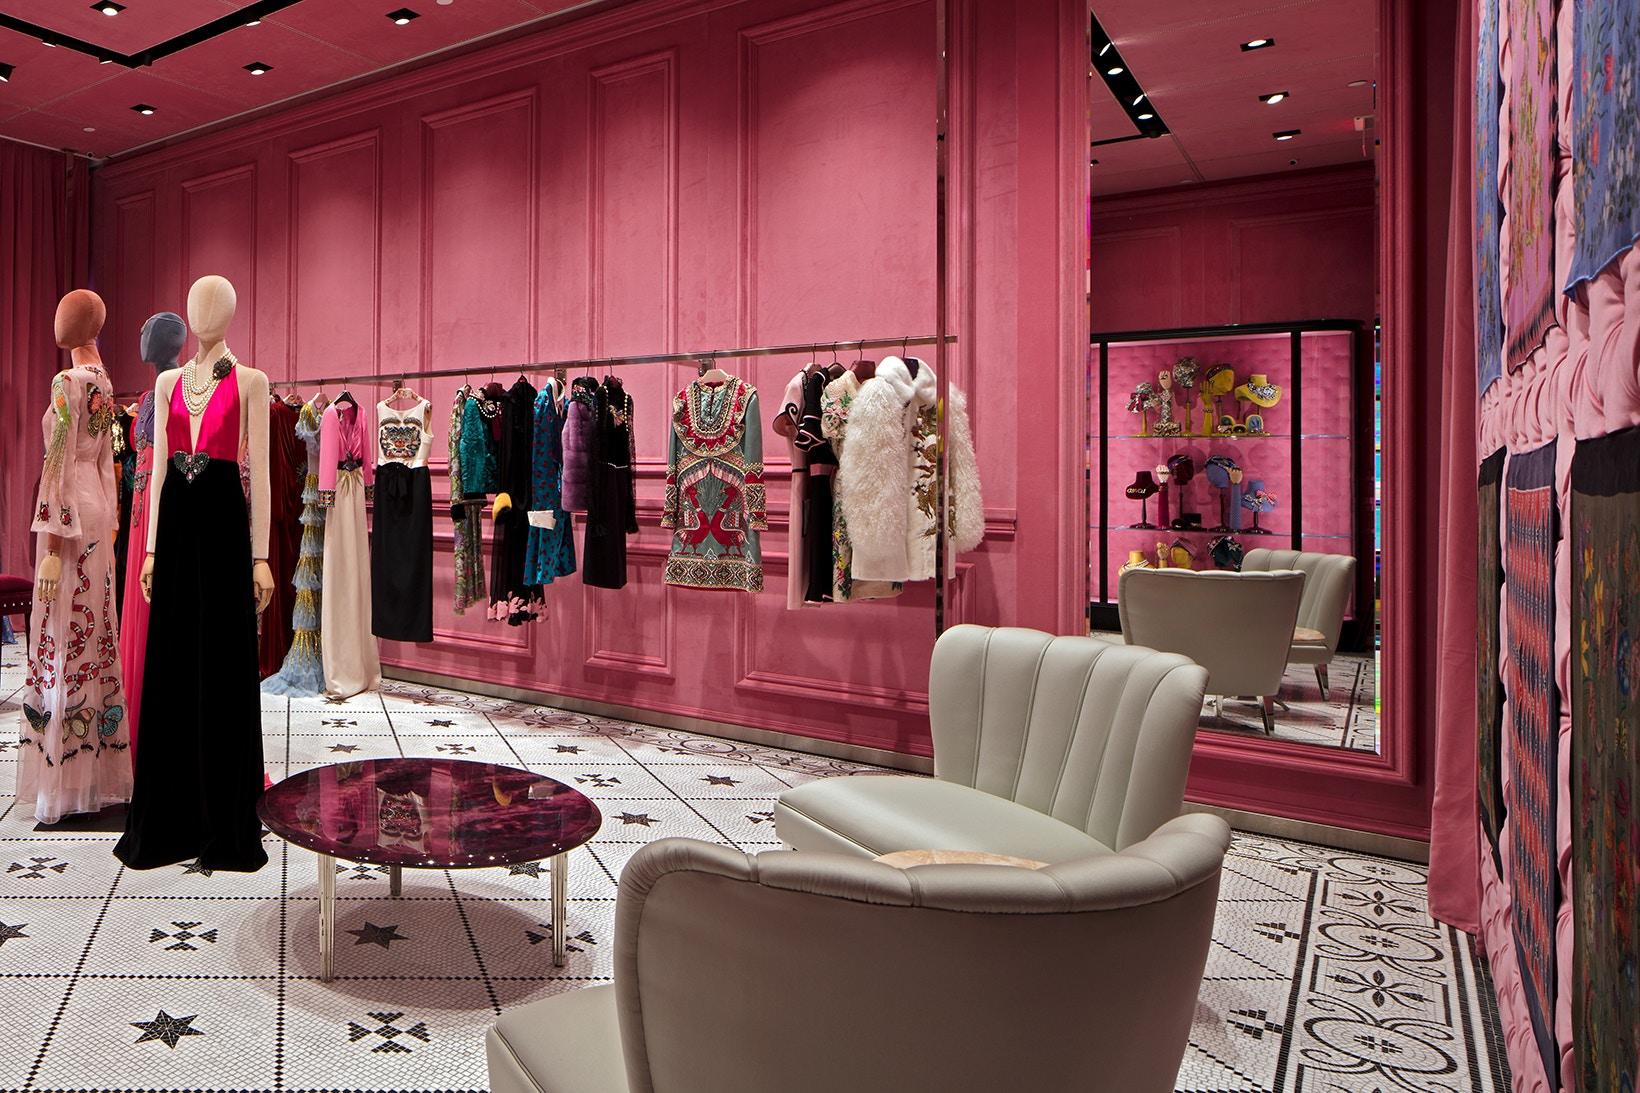 gucci-miami-design-district-store-11.jpg